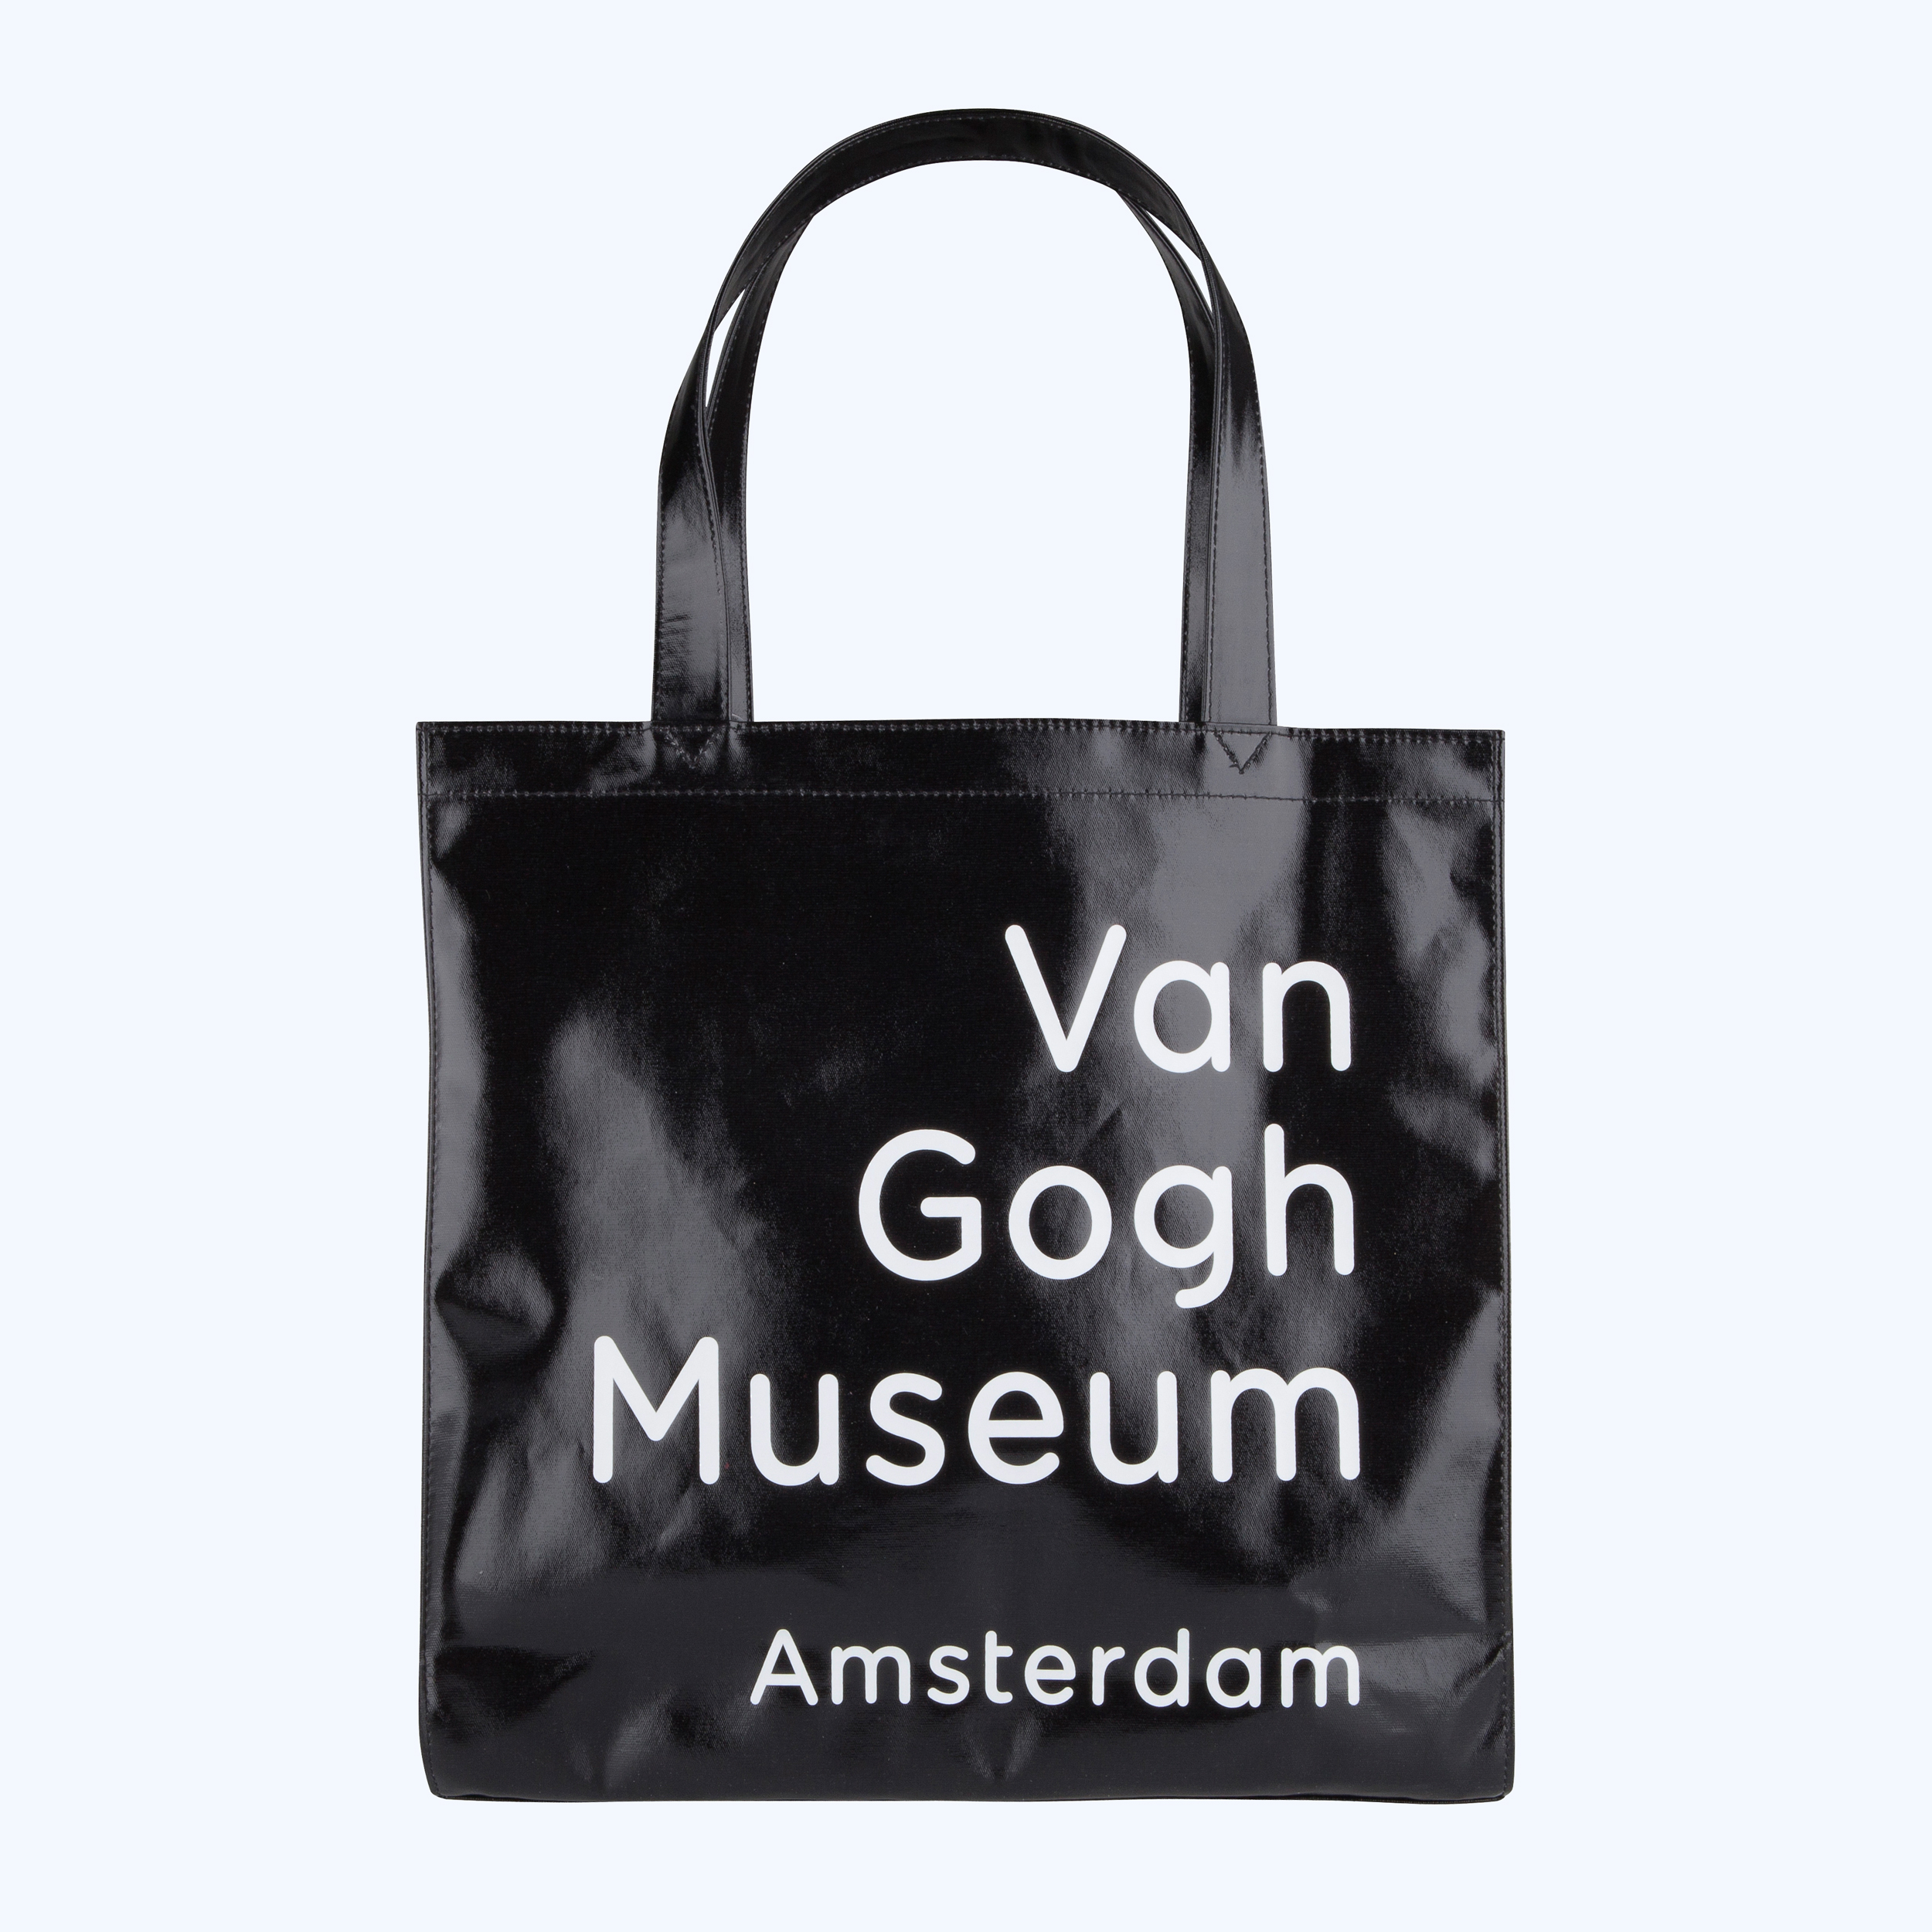 Bolsos Museum Shop Van Van Van Bolsos Gogh Gogh Museum Bolsos Shop hBxdCsQtr